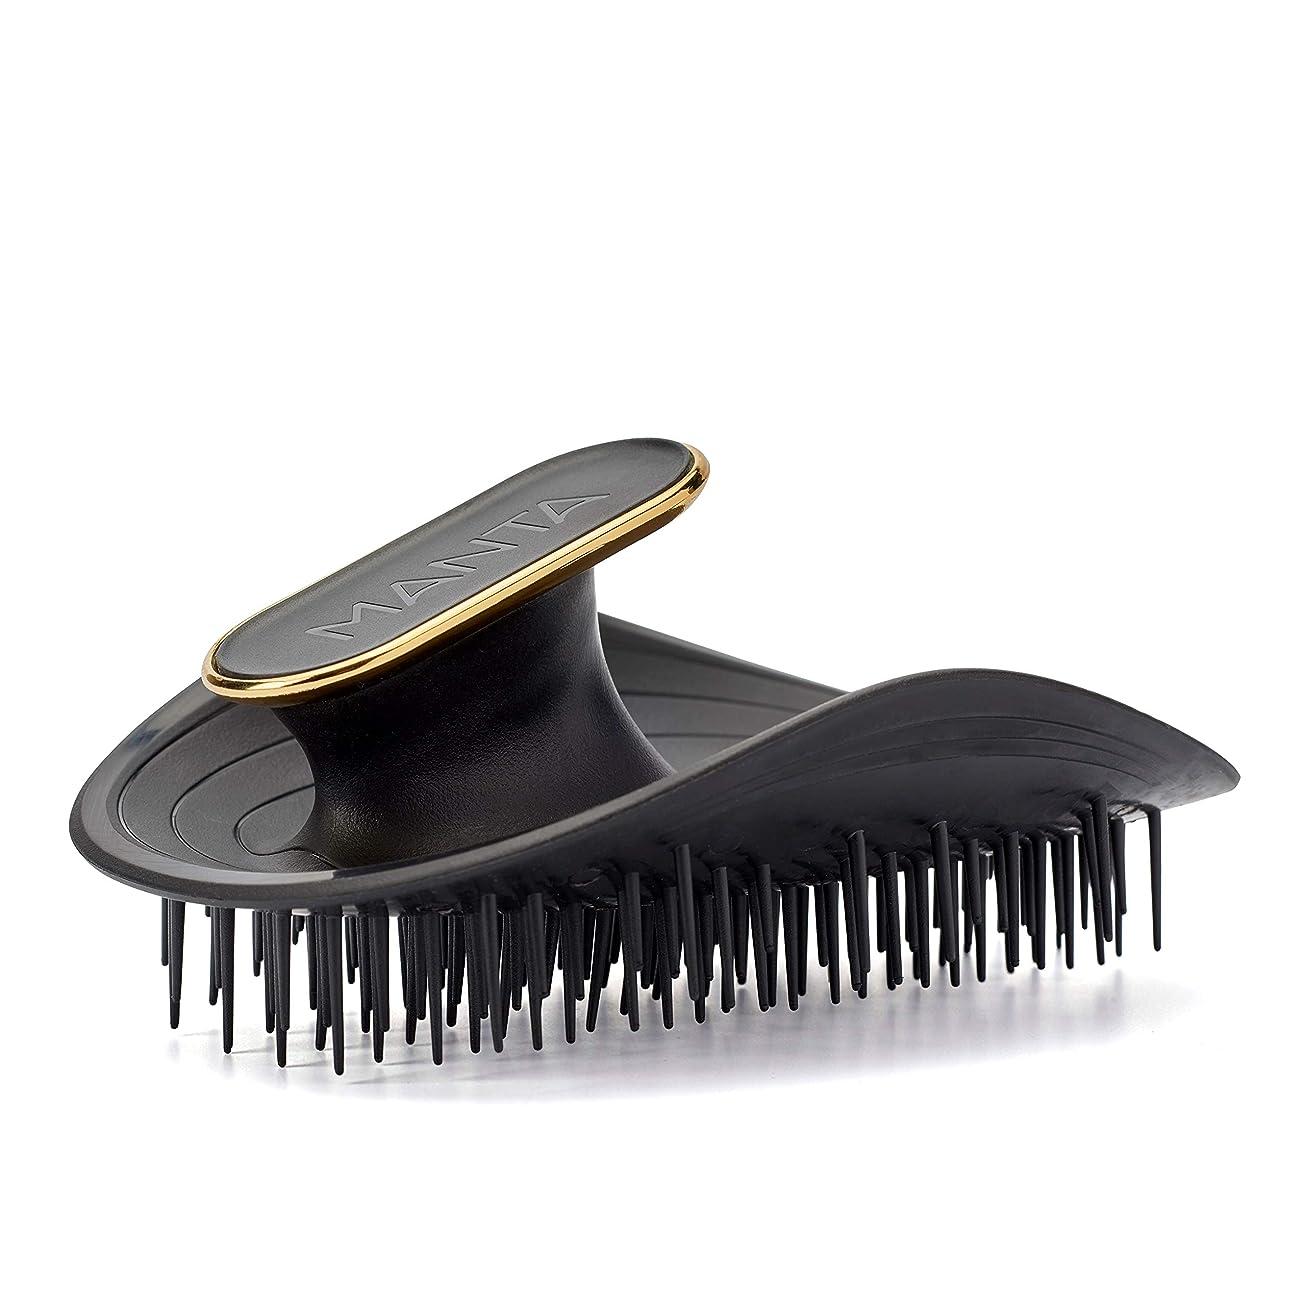 人形ボウリングからかうManta Hair(マンタヘア) ヘアケア革命 【英国で数々の受賞歴】 髪と頭皮にやさしいヘアブラシ くし サラサラ 静電気防止 (ブラック)